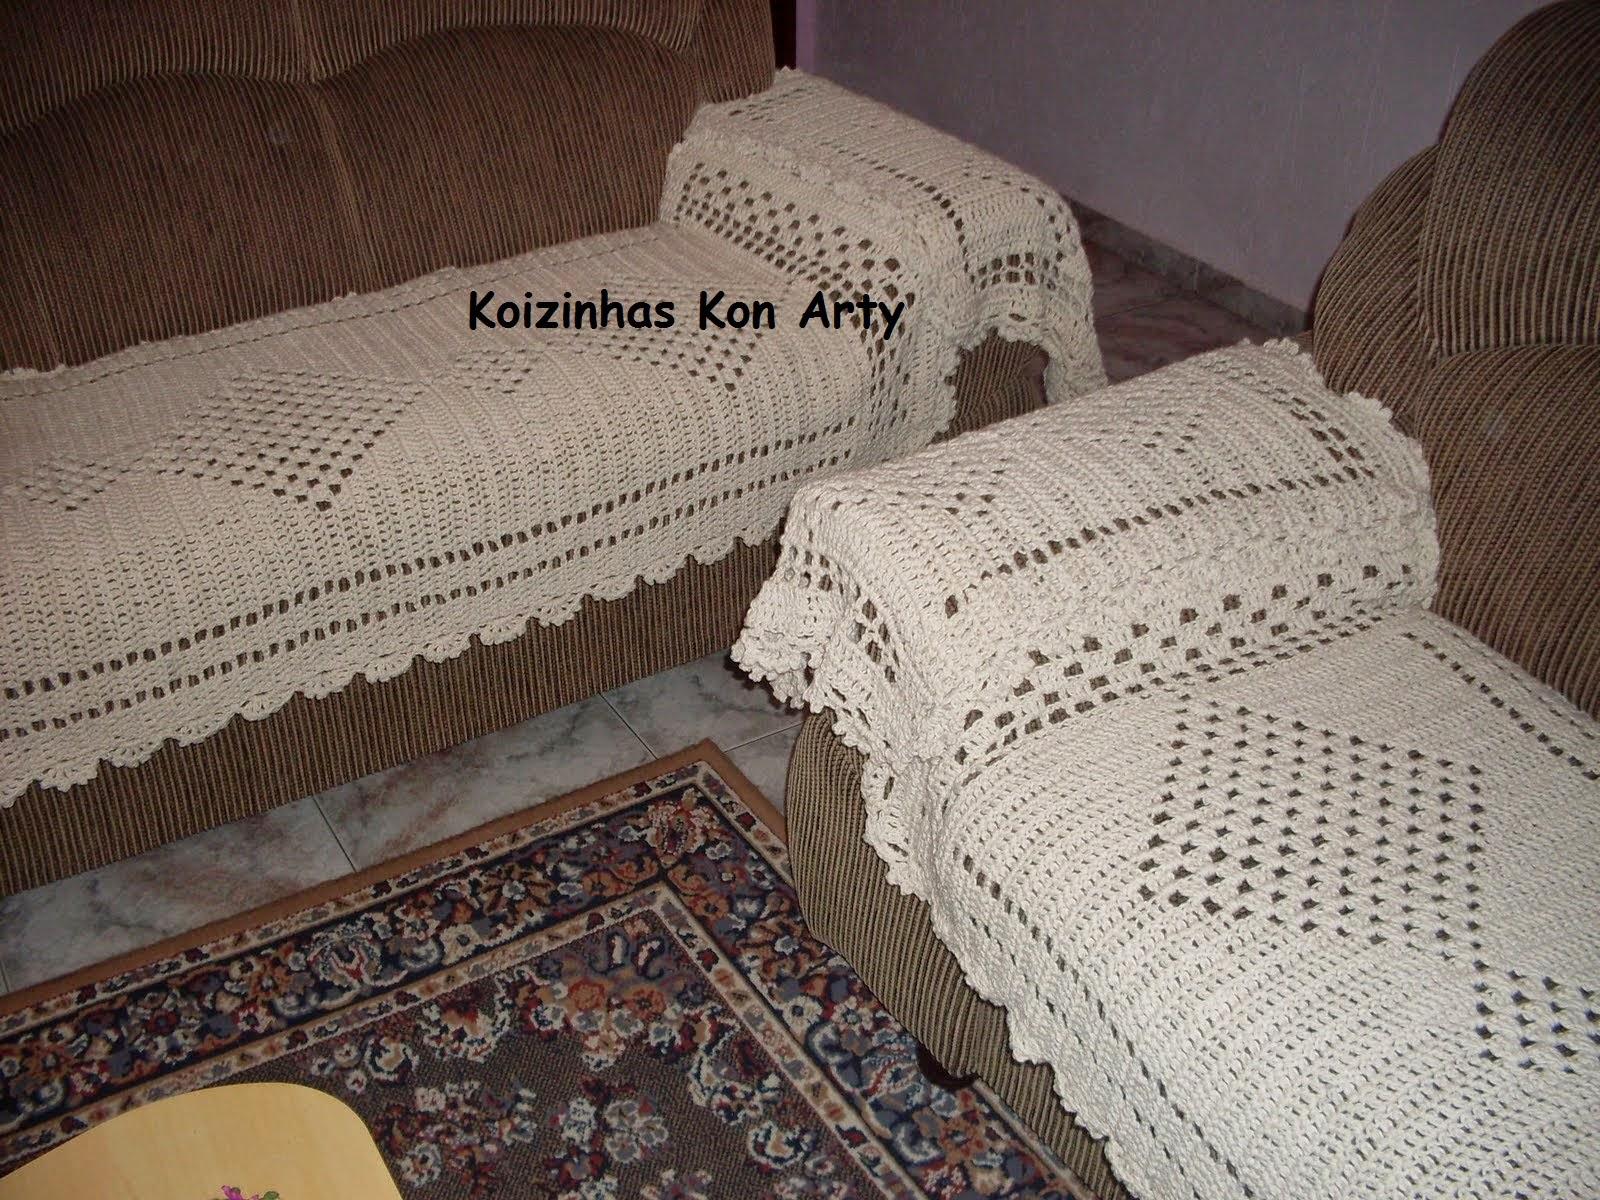 Jogo de manta / capa / protetor de sofá Koizinhas Kon Arty  #3E2F29 1600x1200